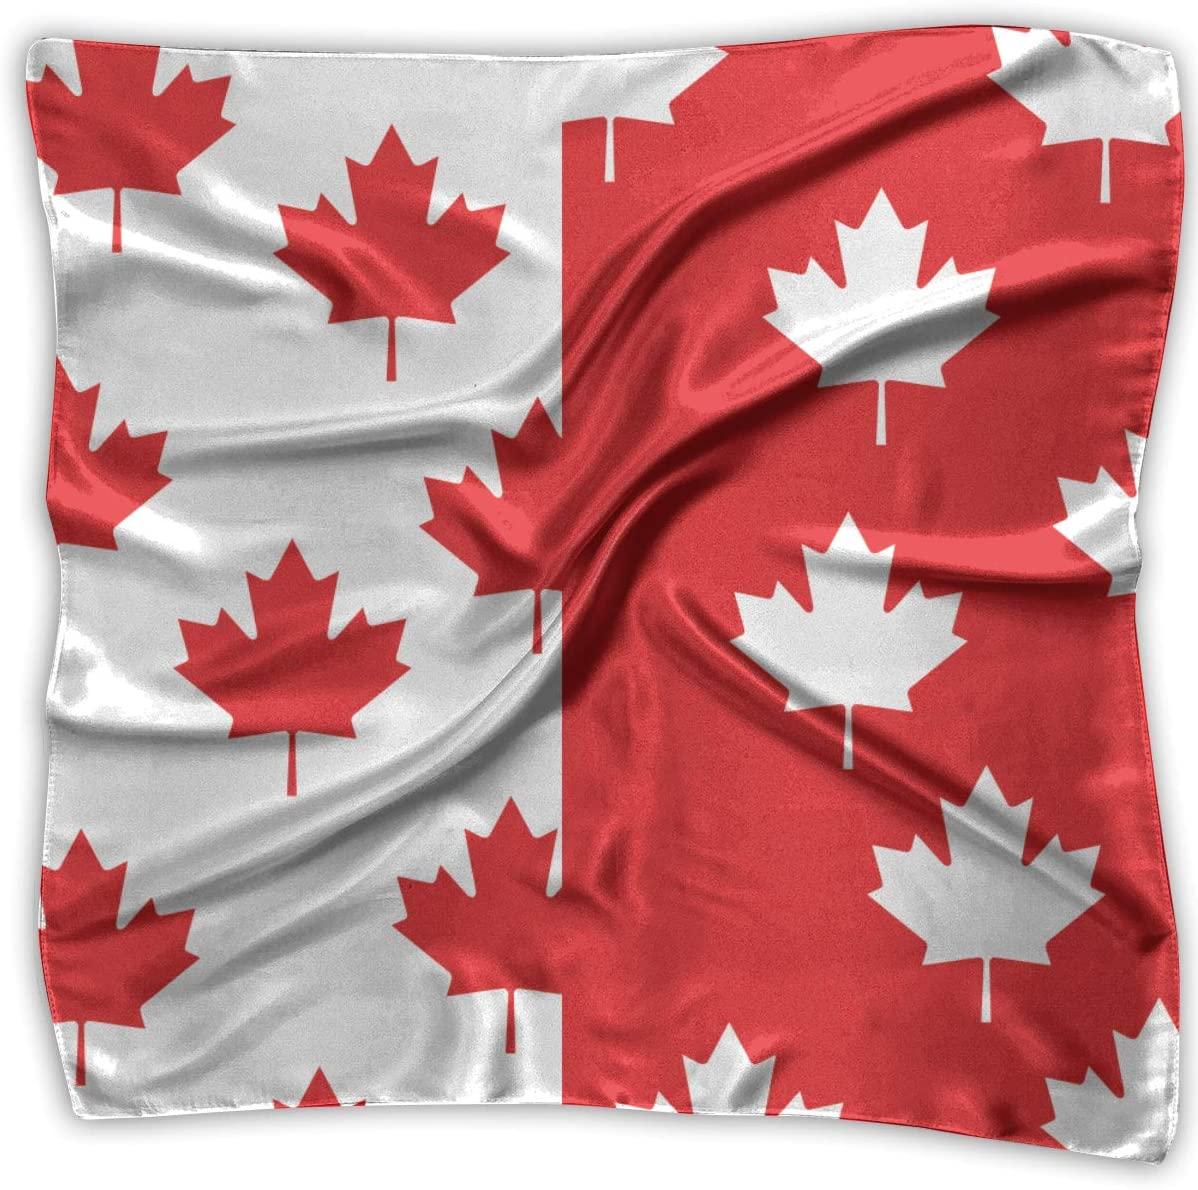 WFIRE Canada Flag Maple Leaf Square Handkerchiefs Scarf Shawl Bandanas Headscarf Neckerchief